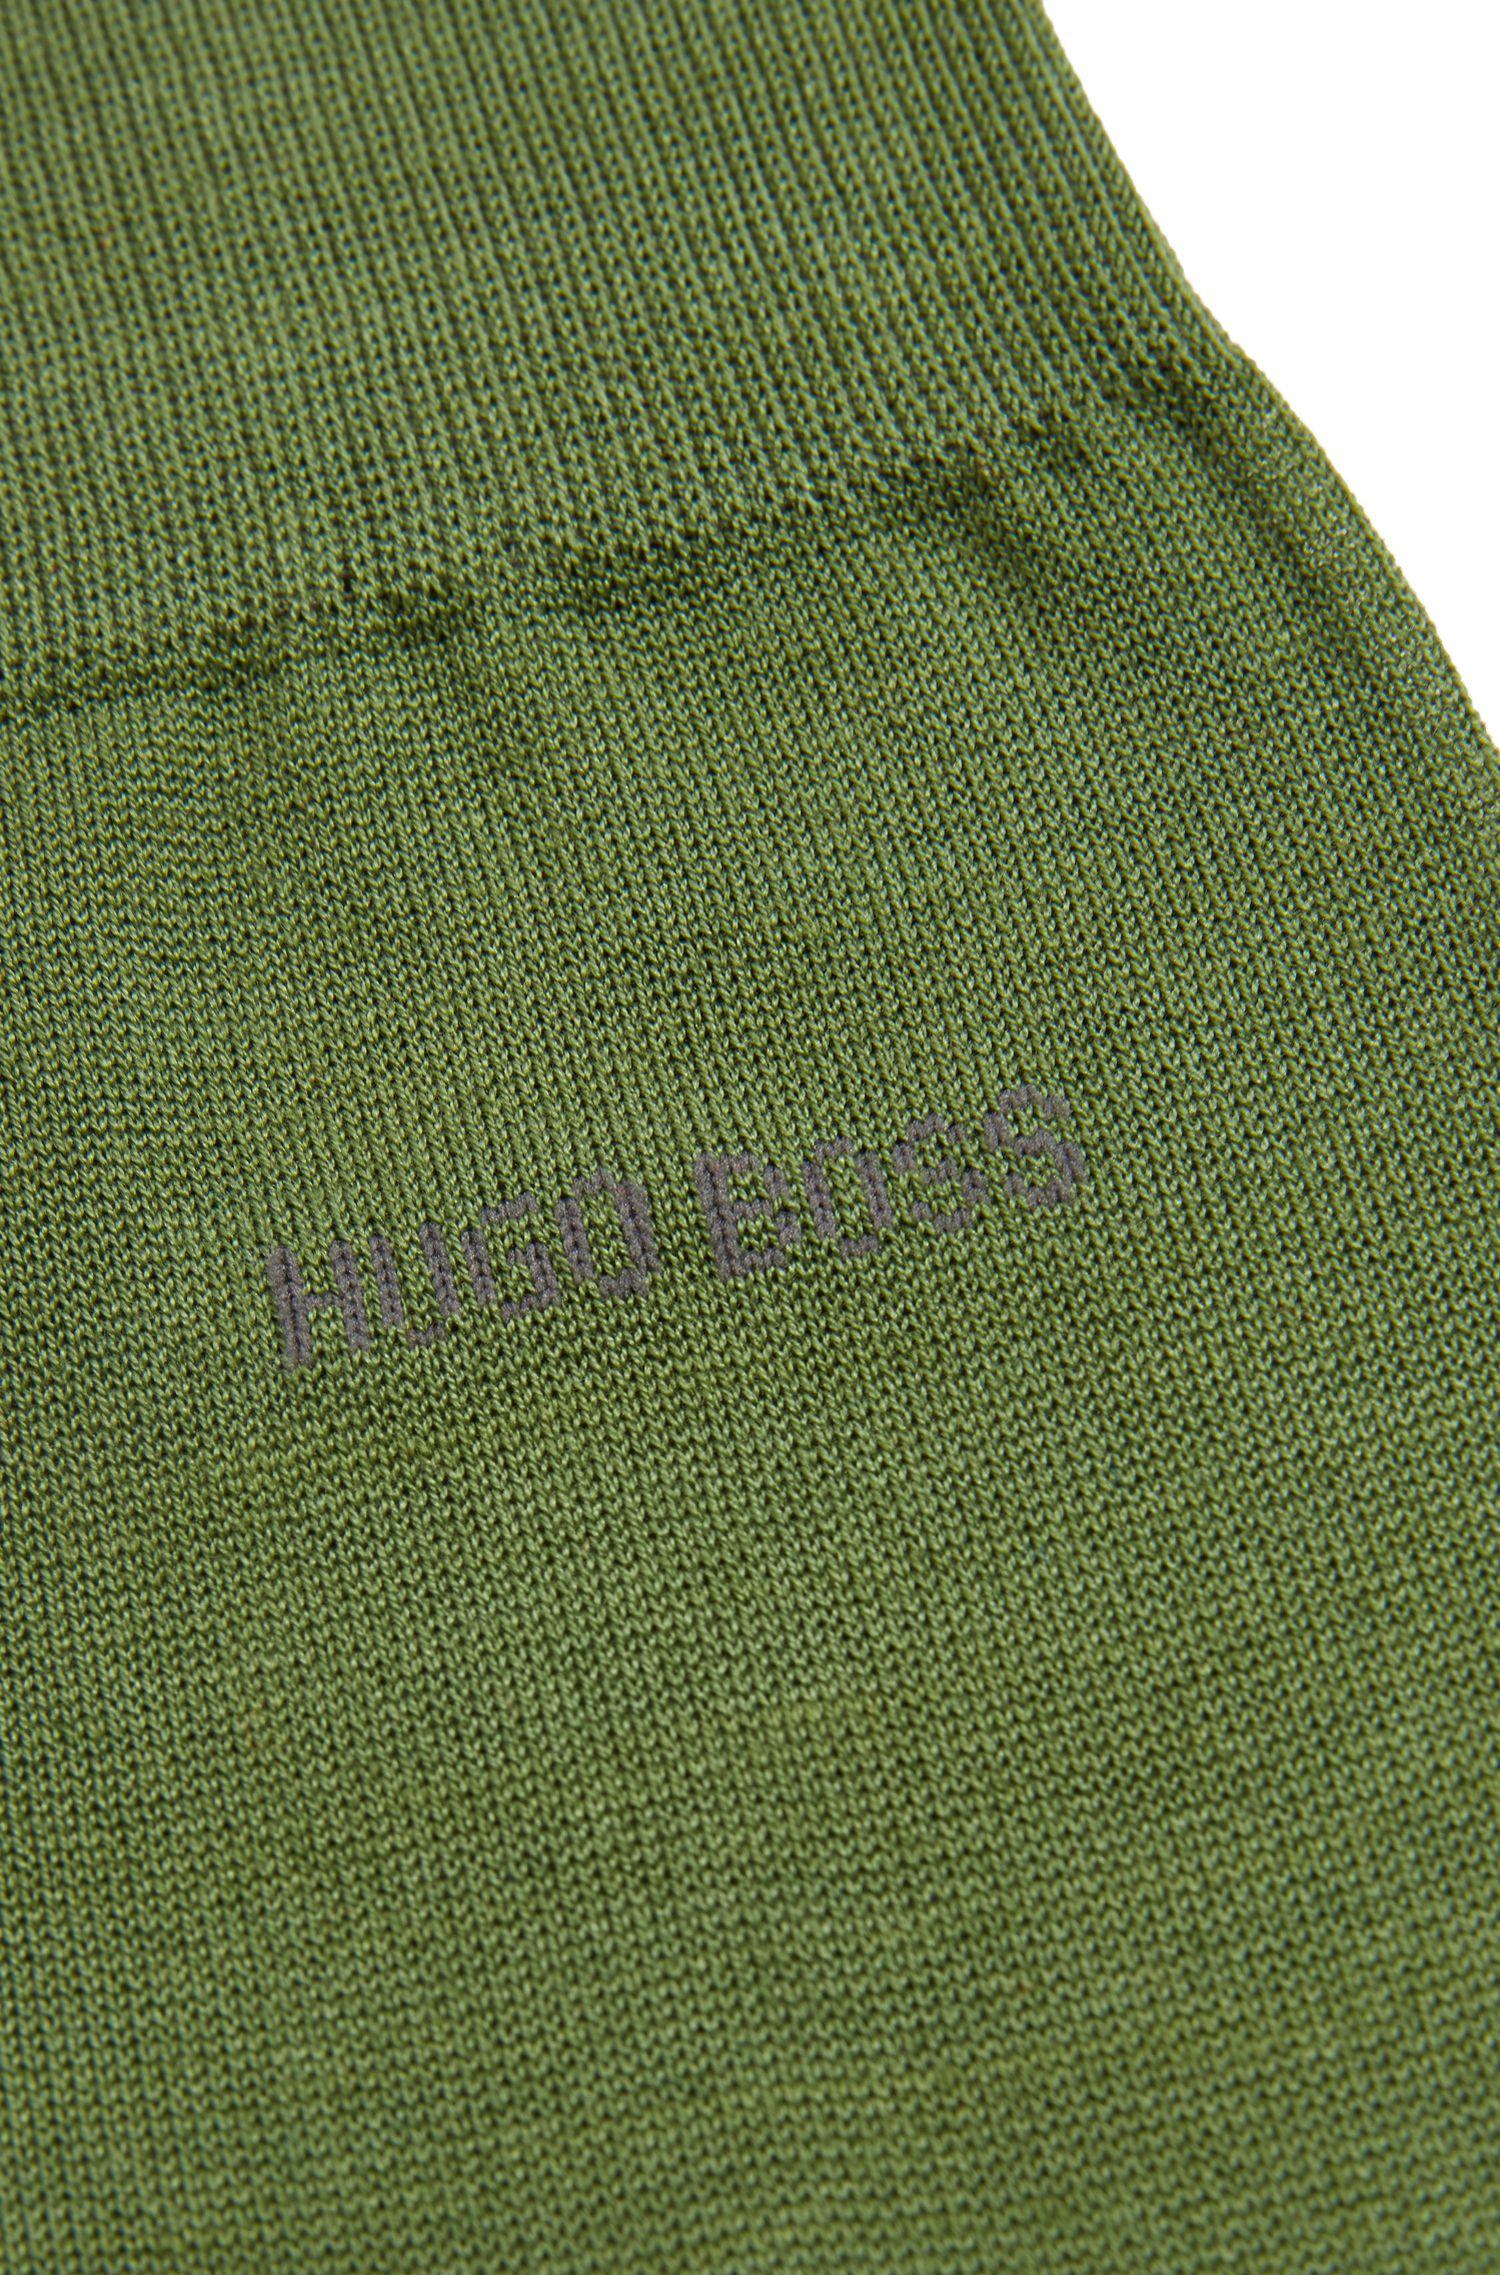 Regular-length socks in mercerised cotton